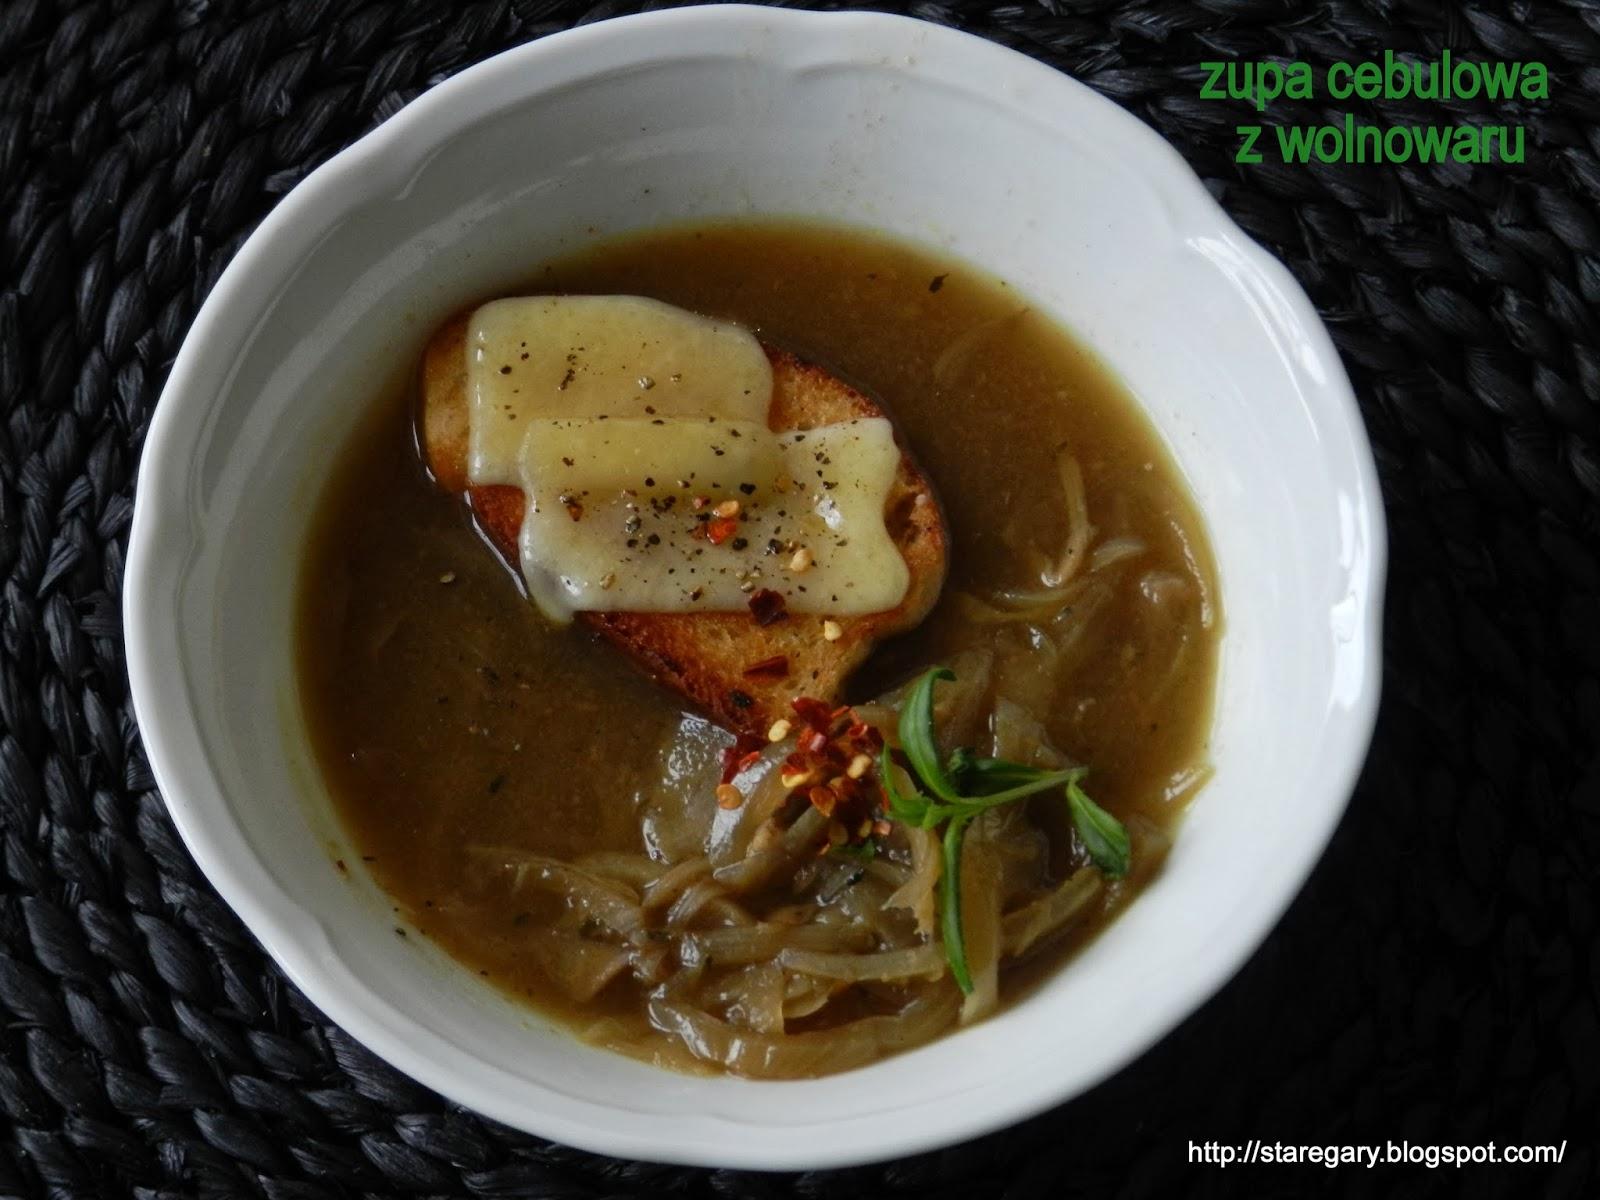 Zupa cebulowa z wolnowaru